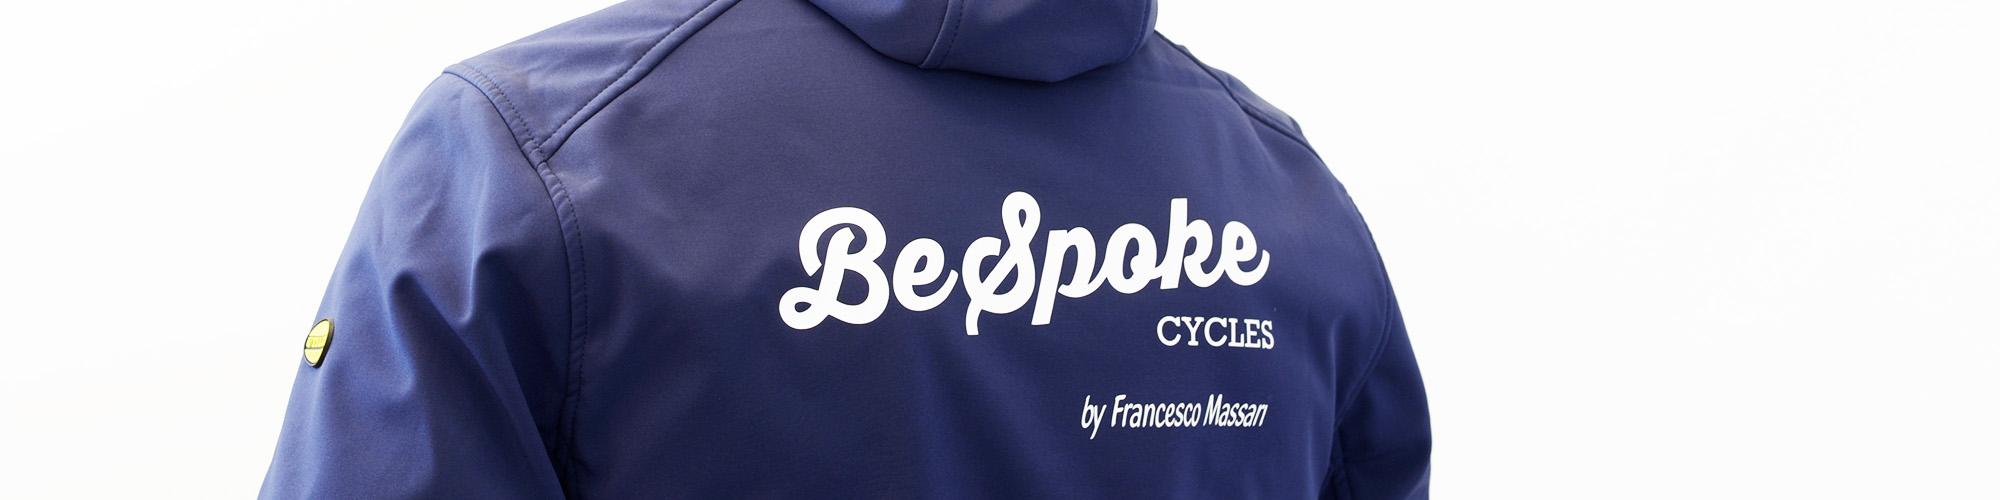 BeSpoke-banner-02